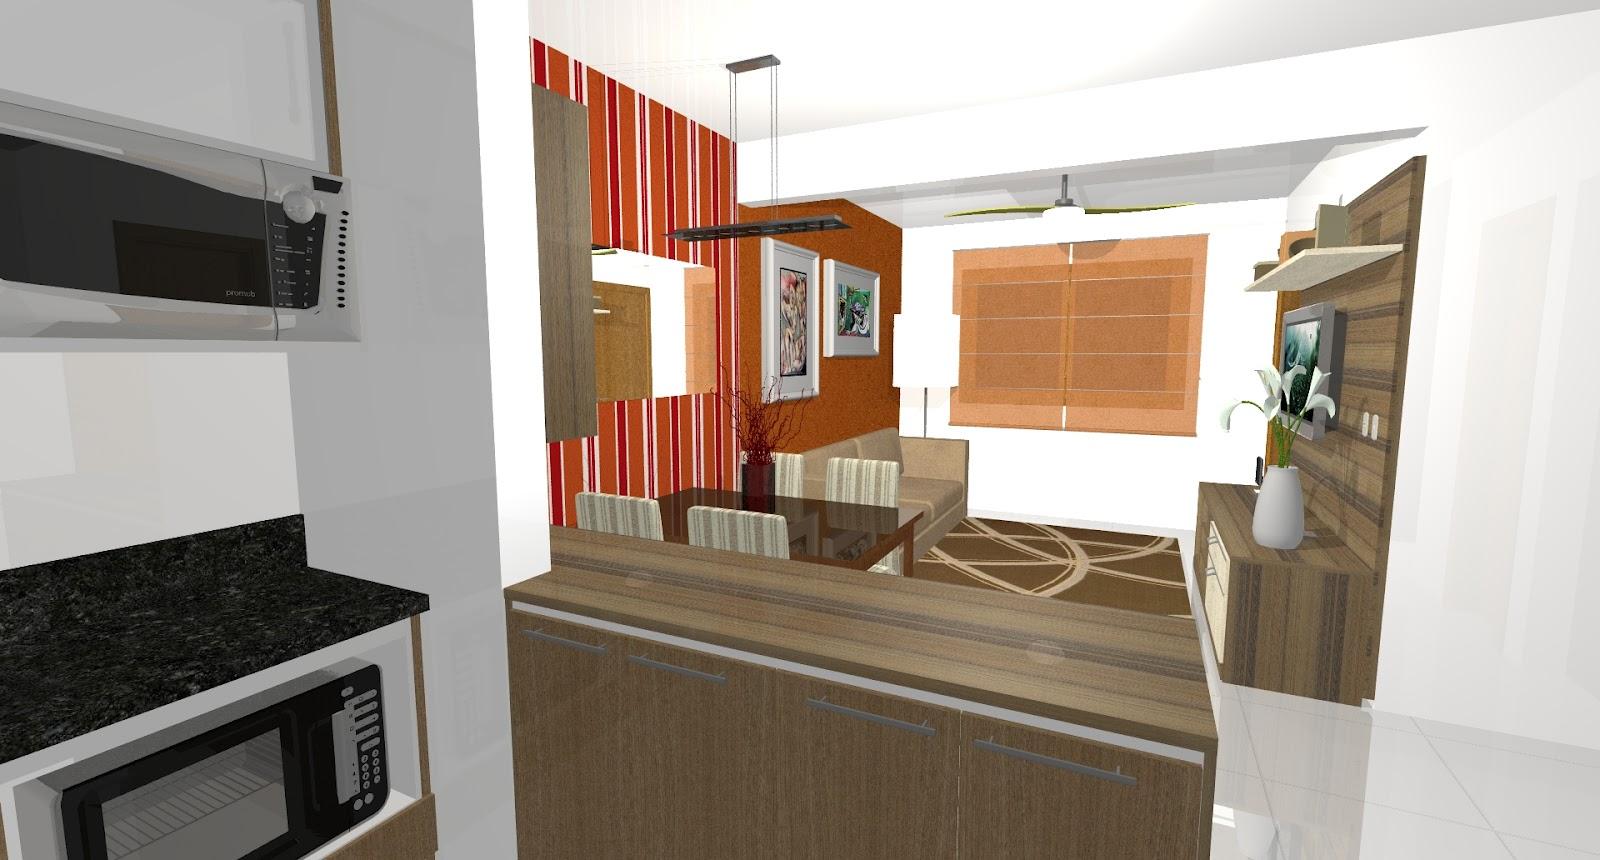 Ambientes planejados.: Cozinha Sala de Estar e Jantar. #AA4321 1600x860